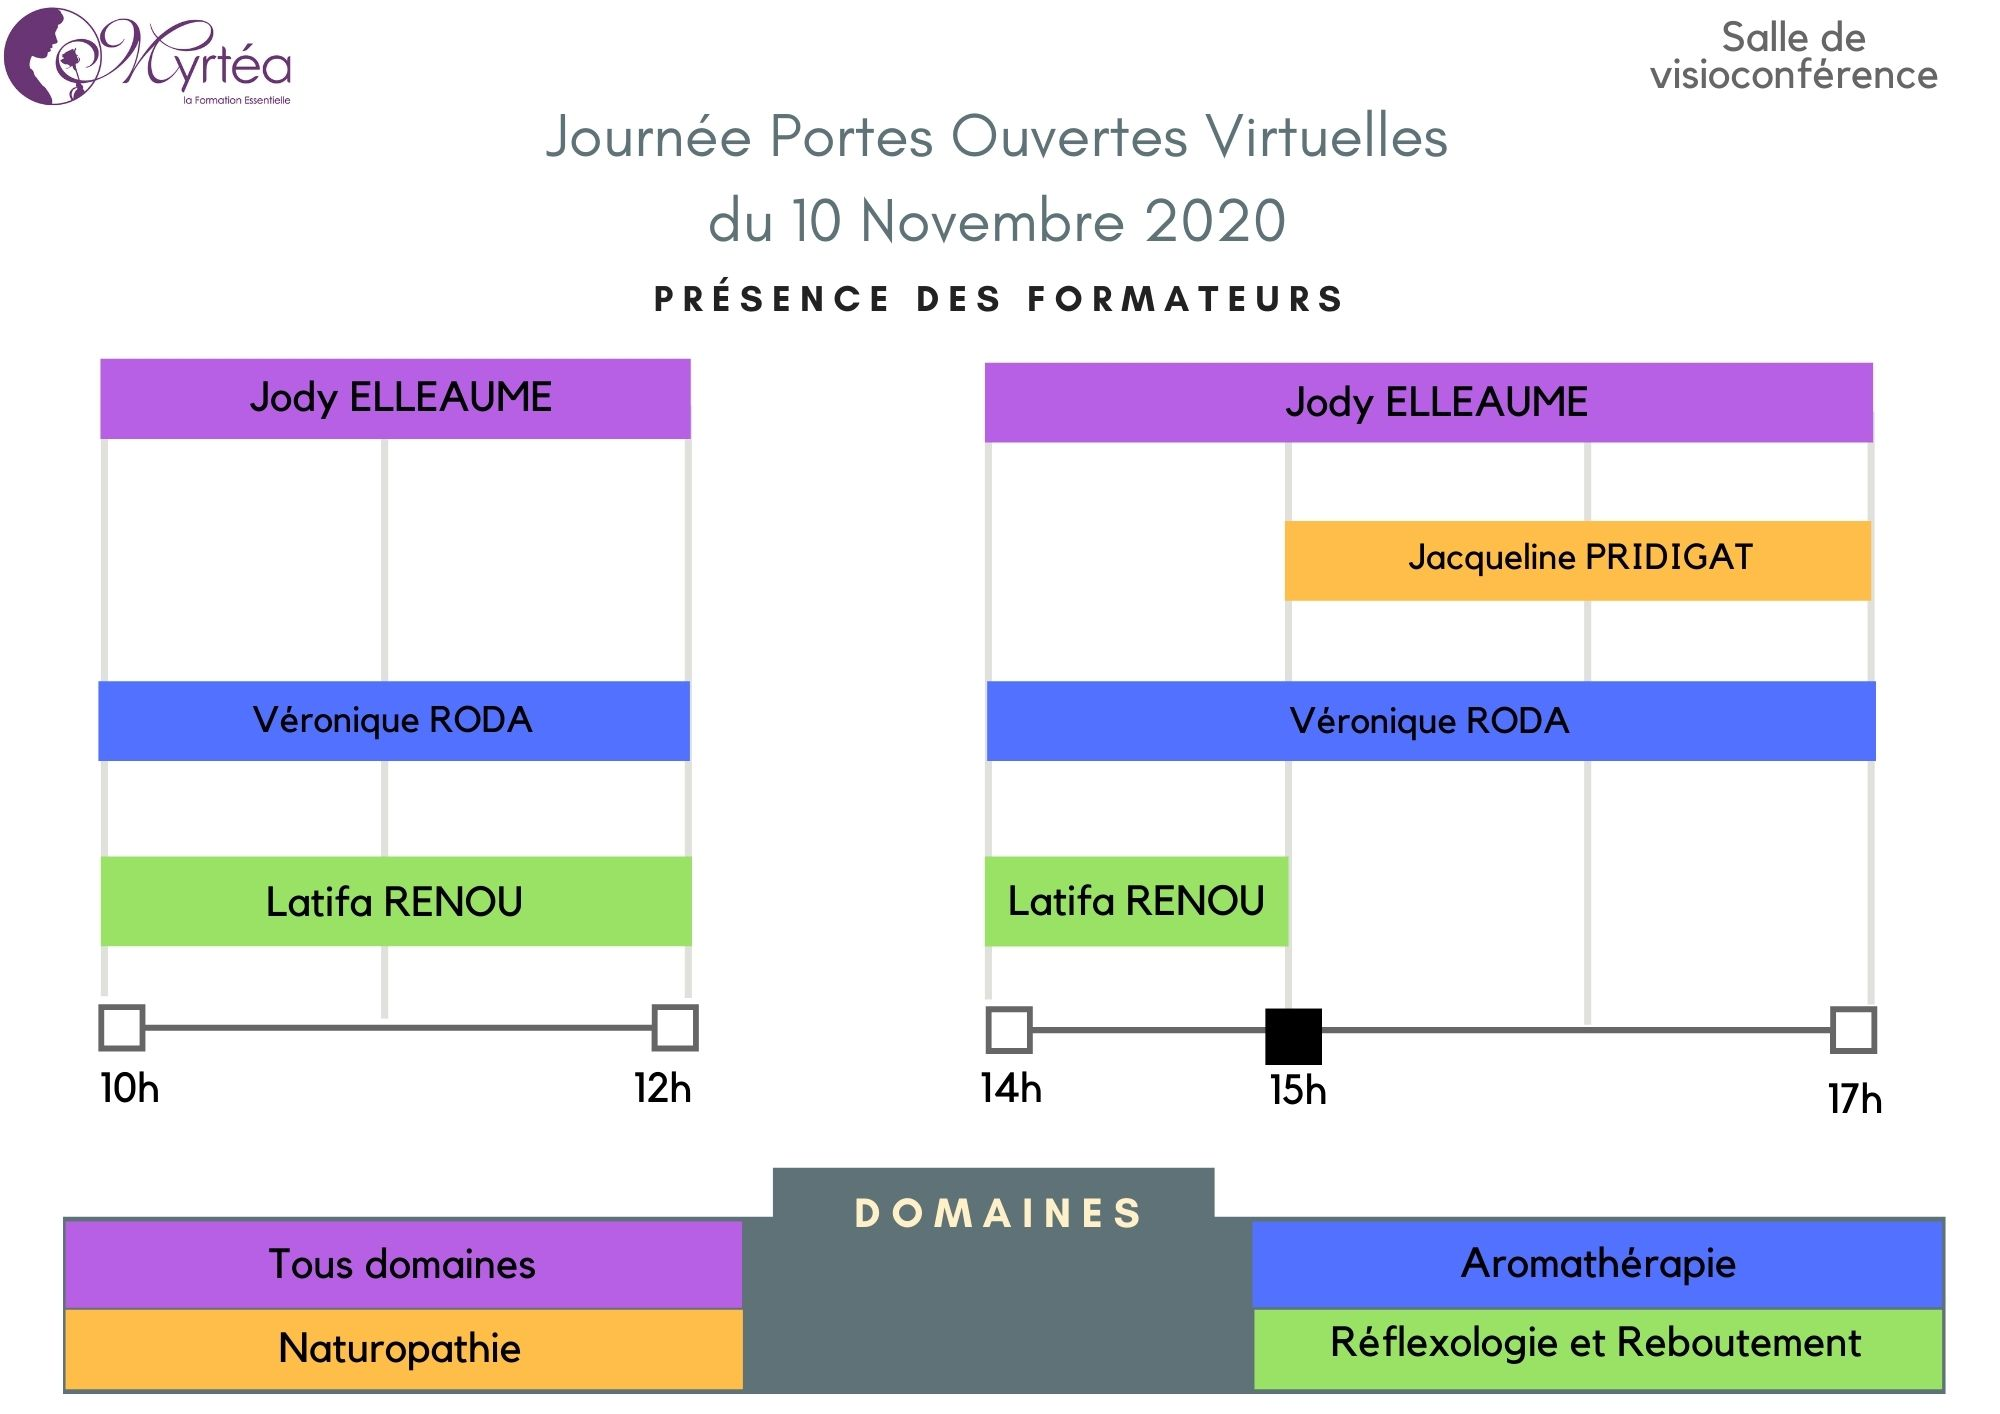 Planning de présence des formateurs - Journée Portes Ouvertes Virtuelles du 10 Novembre 2020